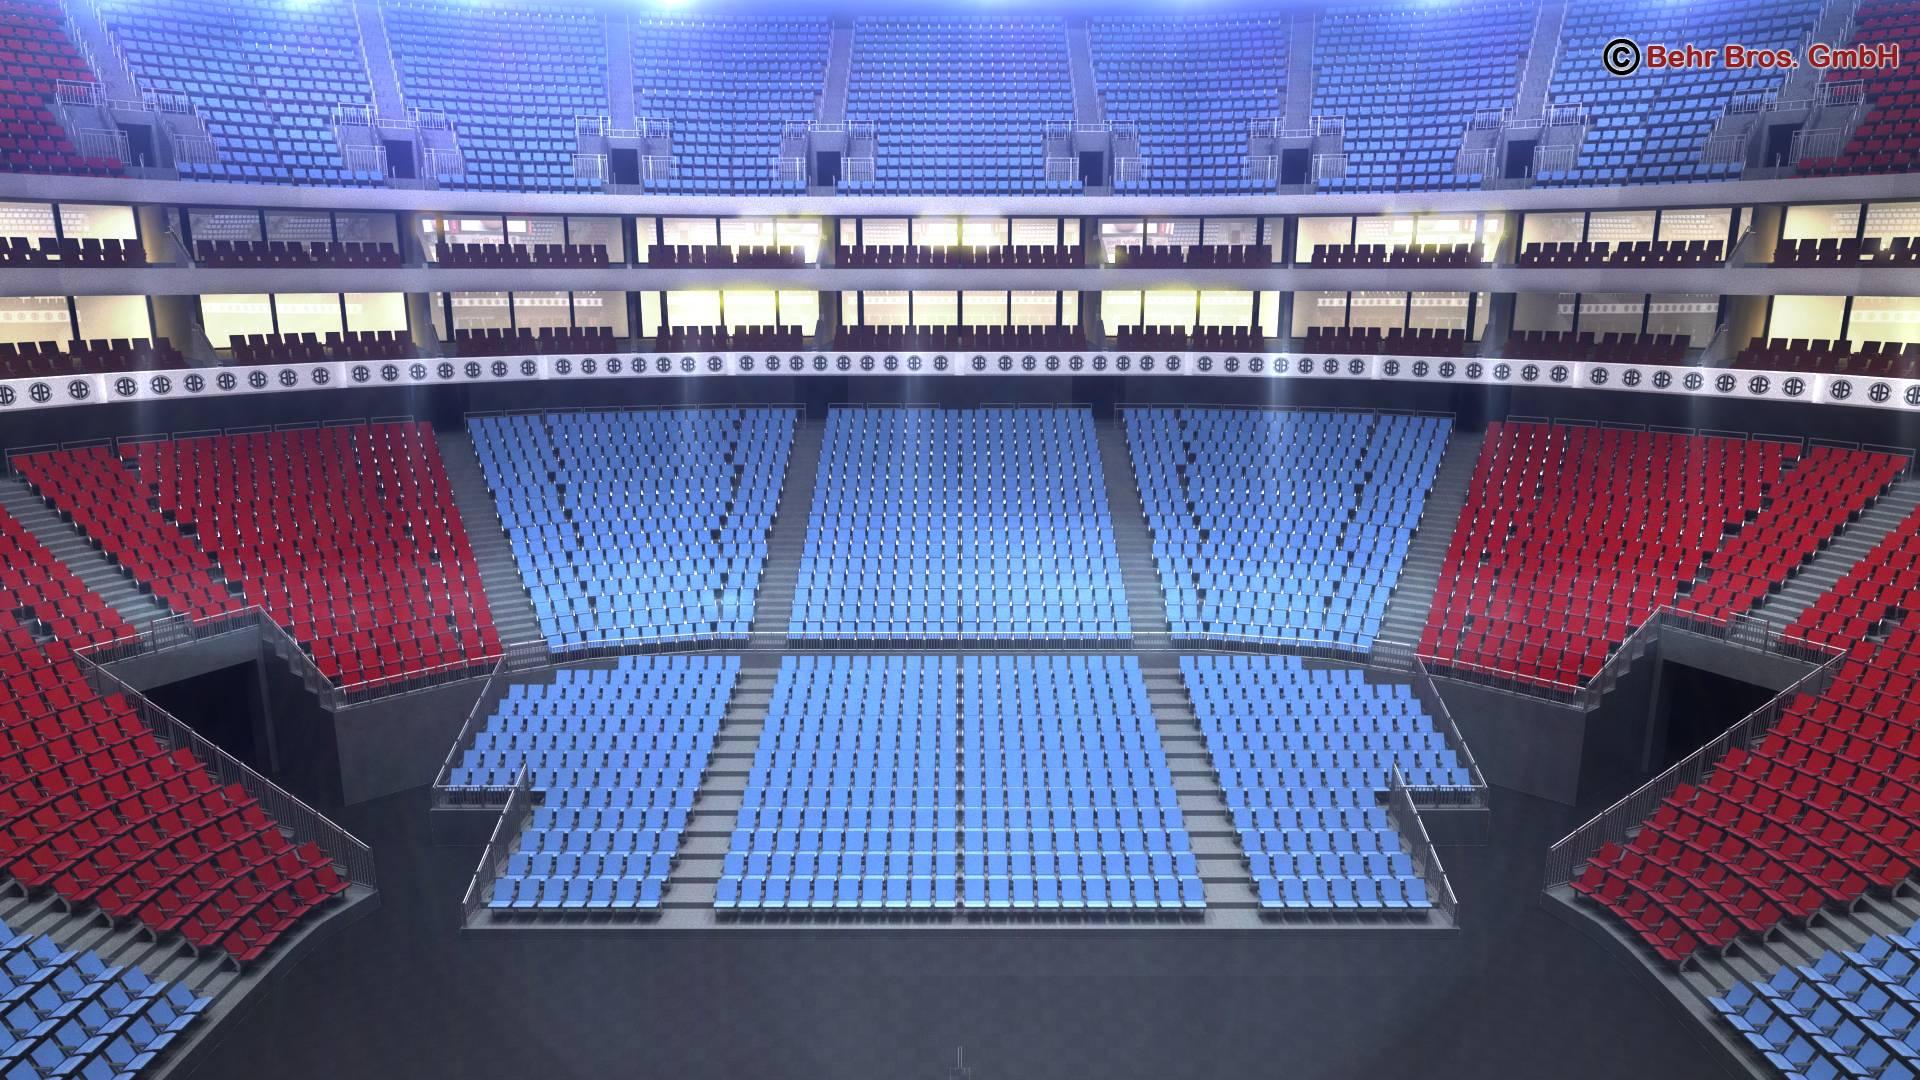 arena pêl-fasged v2 model 3d 3ds max fbx c4d am fwy o wybodaeth 222369